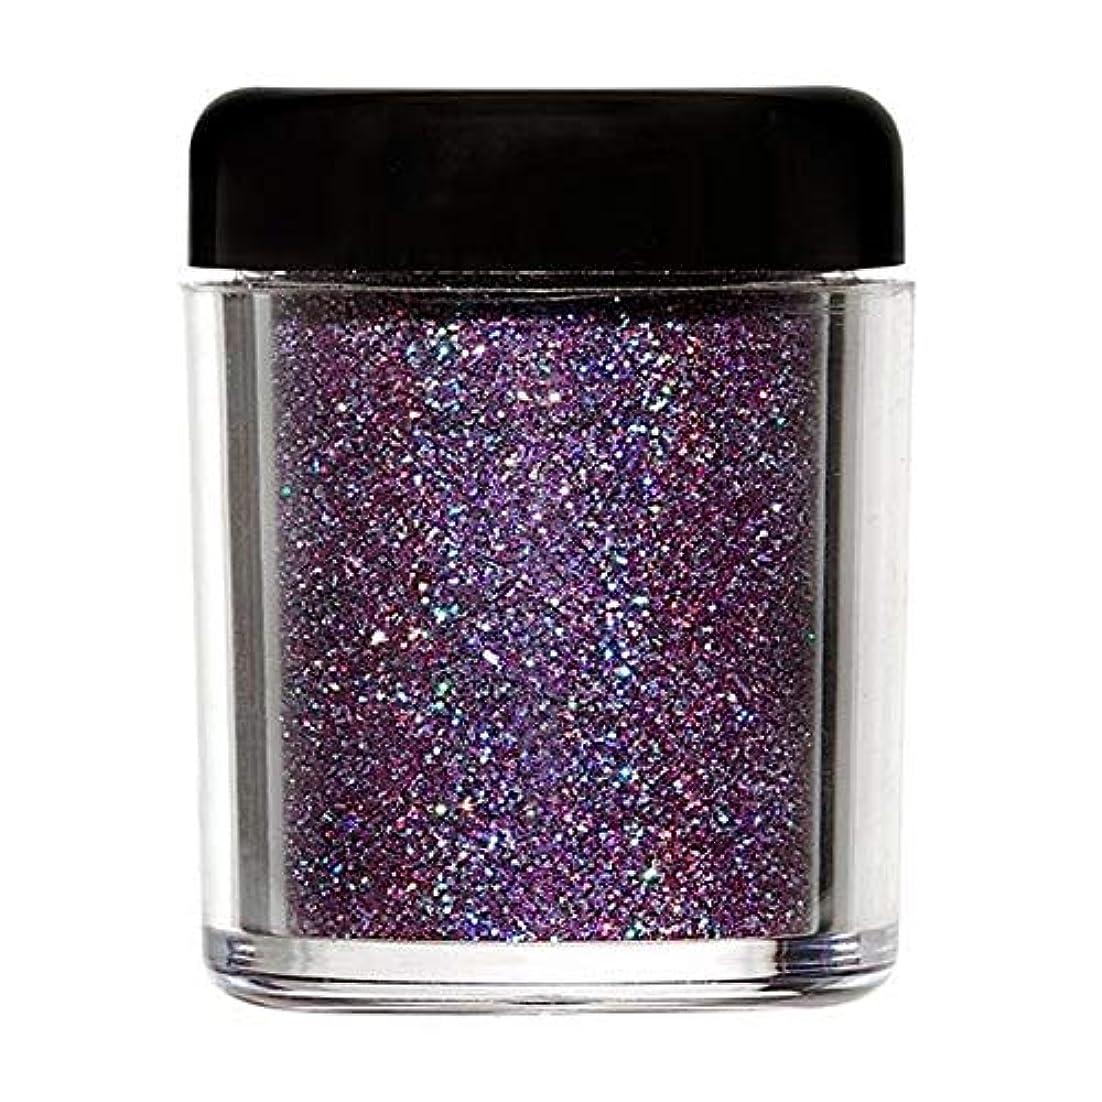 迫害タックオアシス[Barry M ] バリーメートルのグリッターラッシュボディの輝き - 紫外線 - Barry M Glitter Rush Body Glitter - Ultraviolet [並行輸入品]